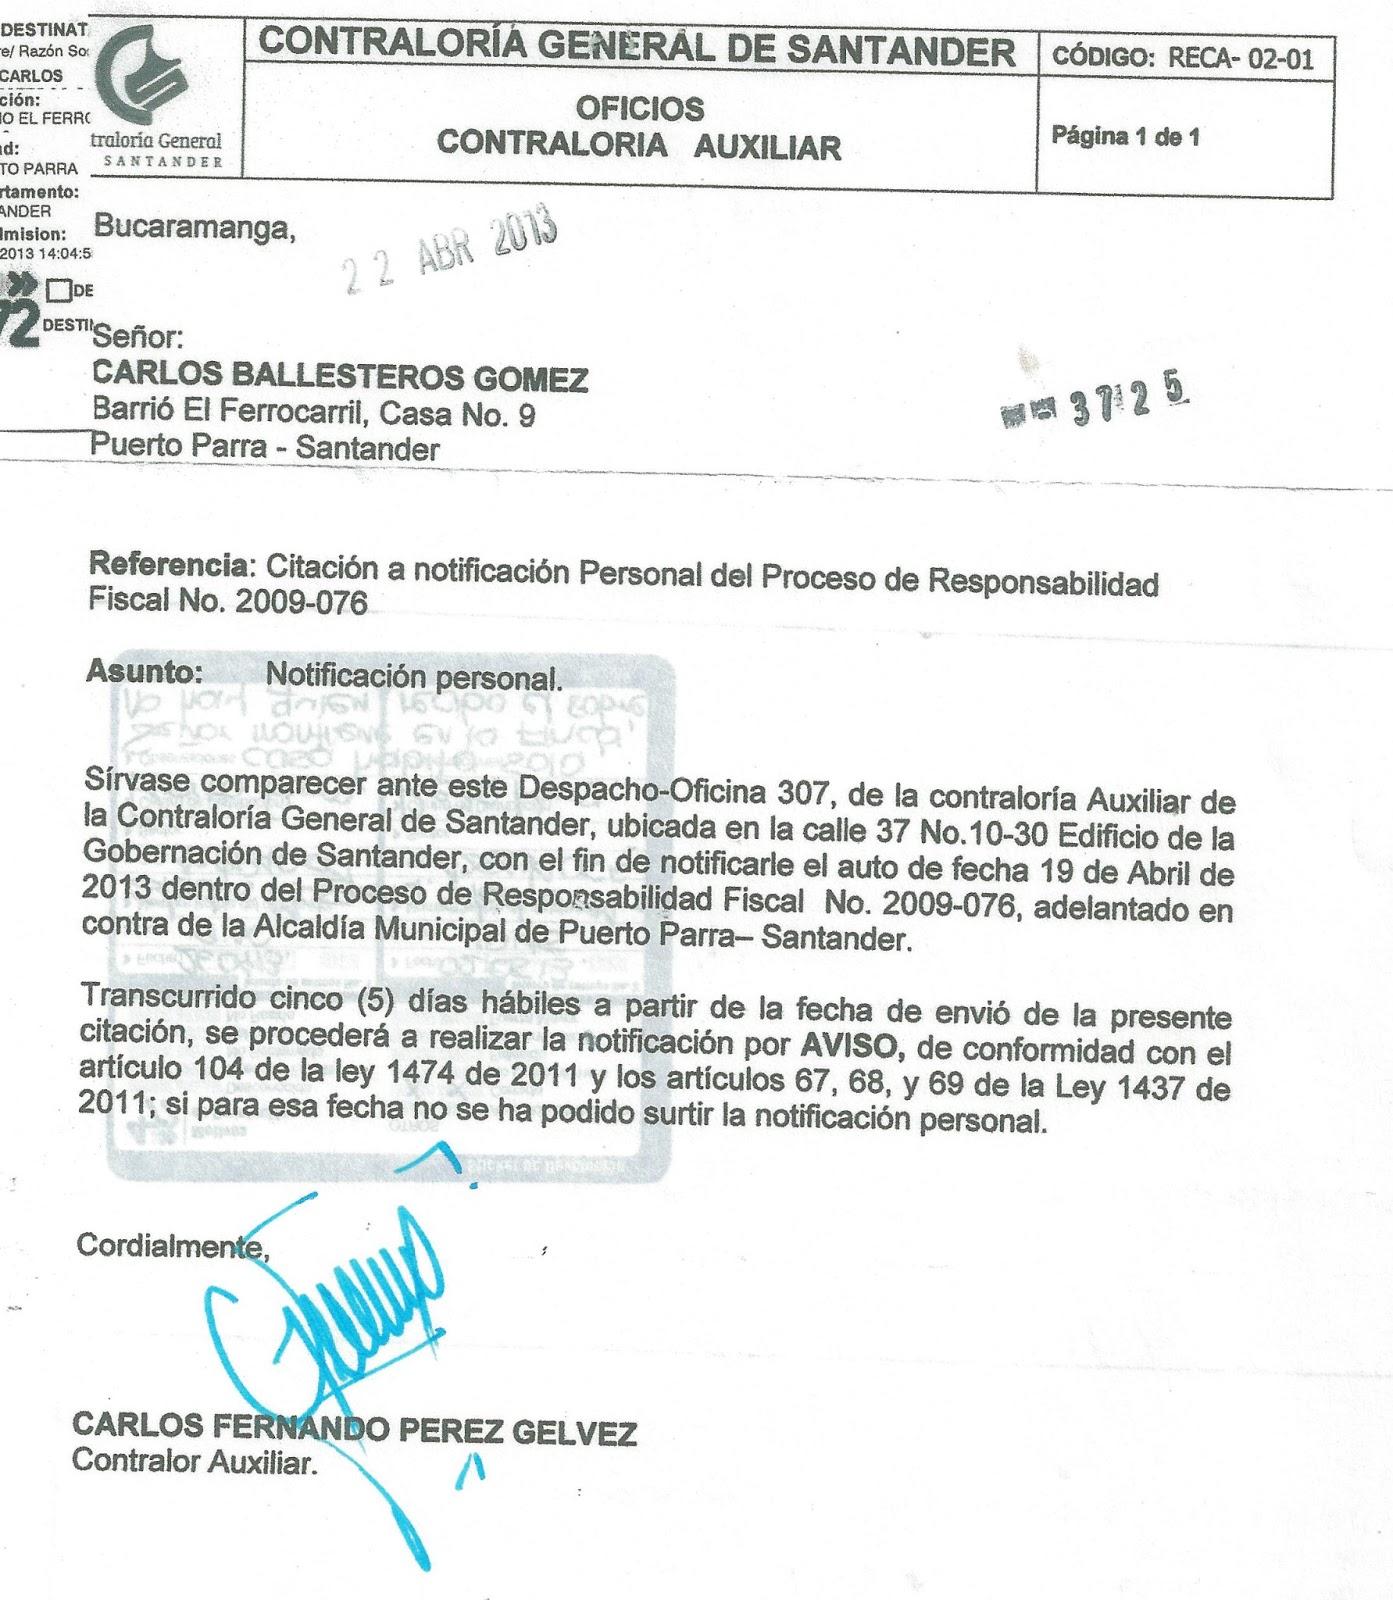 de Santander: AUTO EN GRADO DE CONSULTA DEL PROCESO DE RESPONSABILIDAD